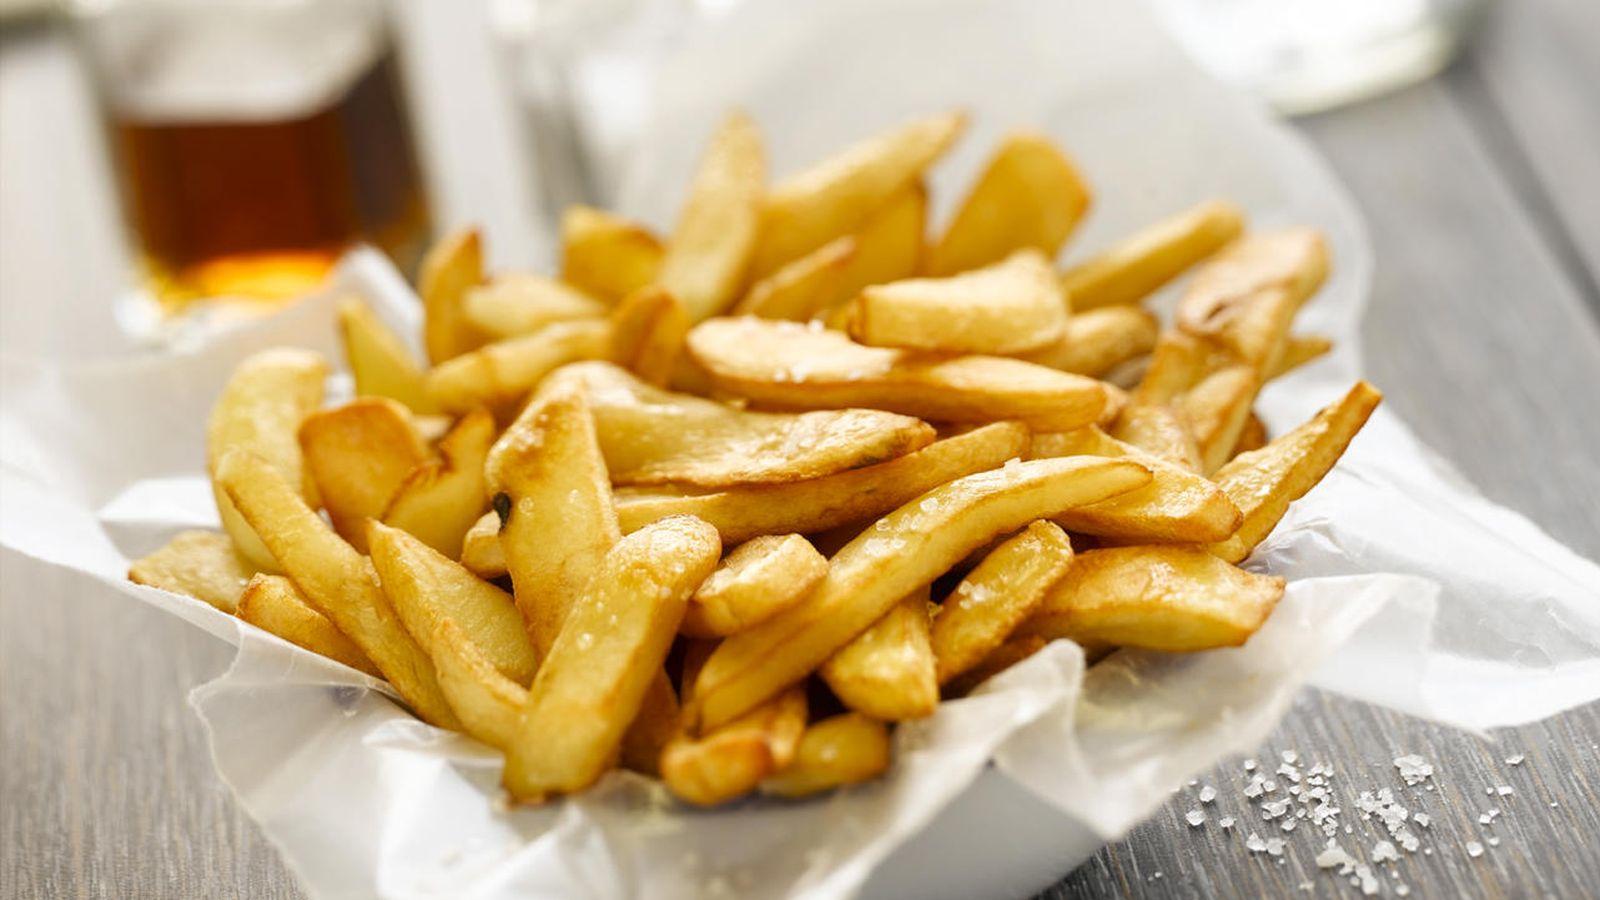 Recetas: Cómo hacer las patatas fritas perfectas